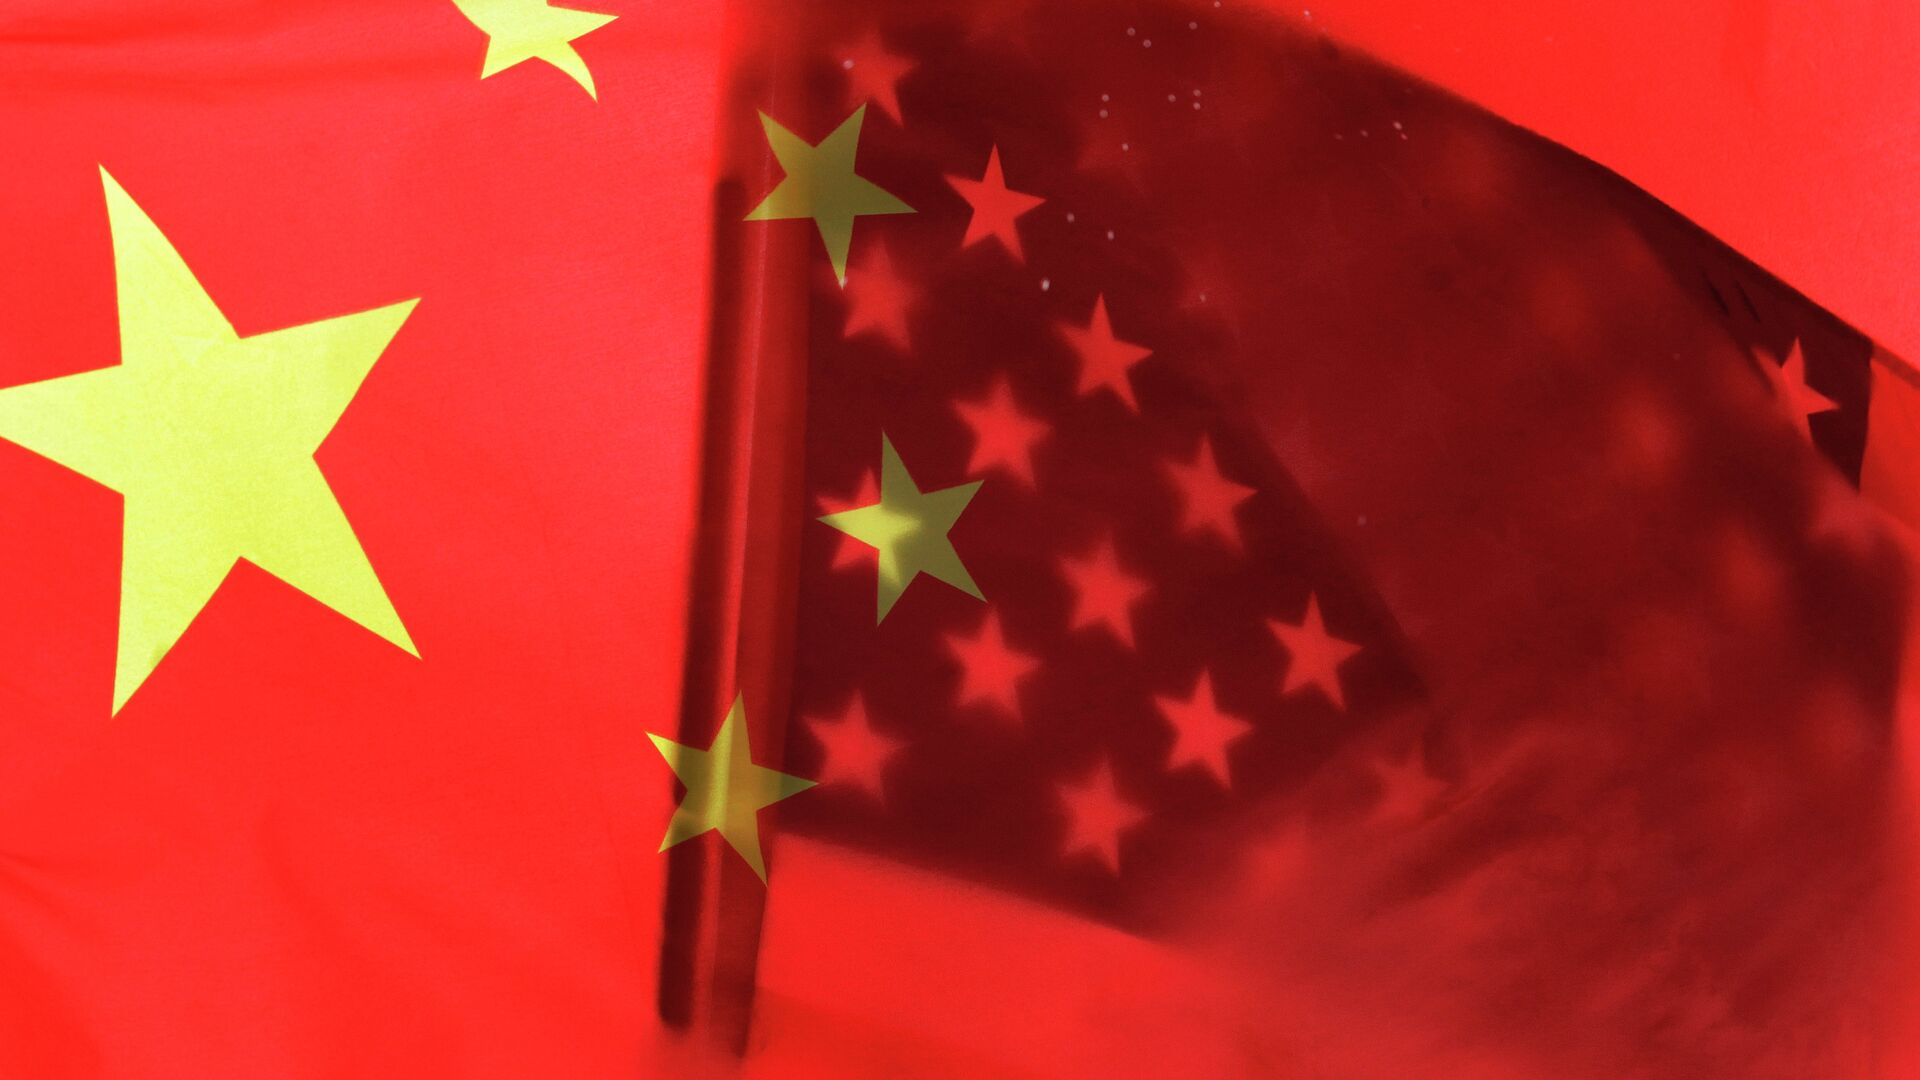 Banderas de China y EEUU - Sputnik Mundo, 1920, 28.07.2020